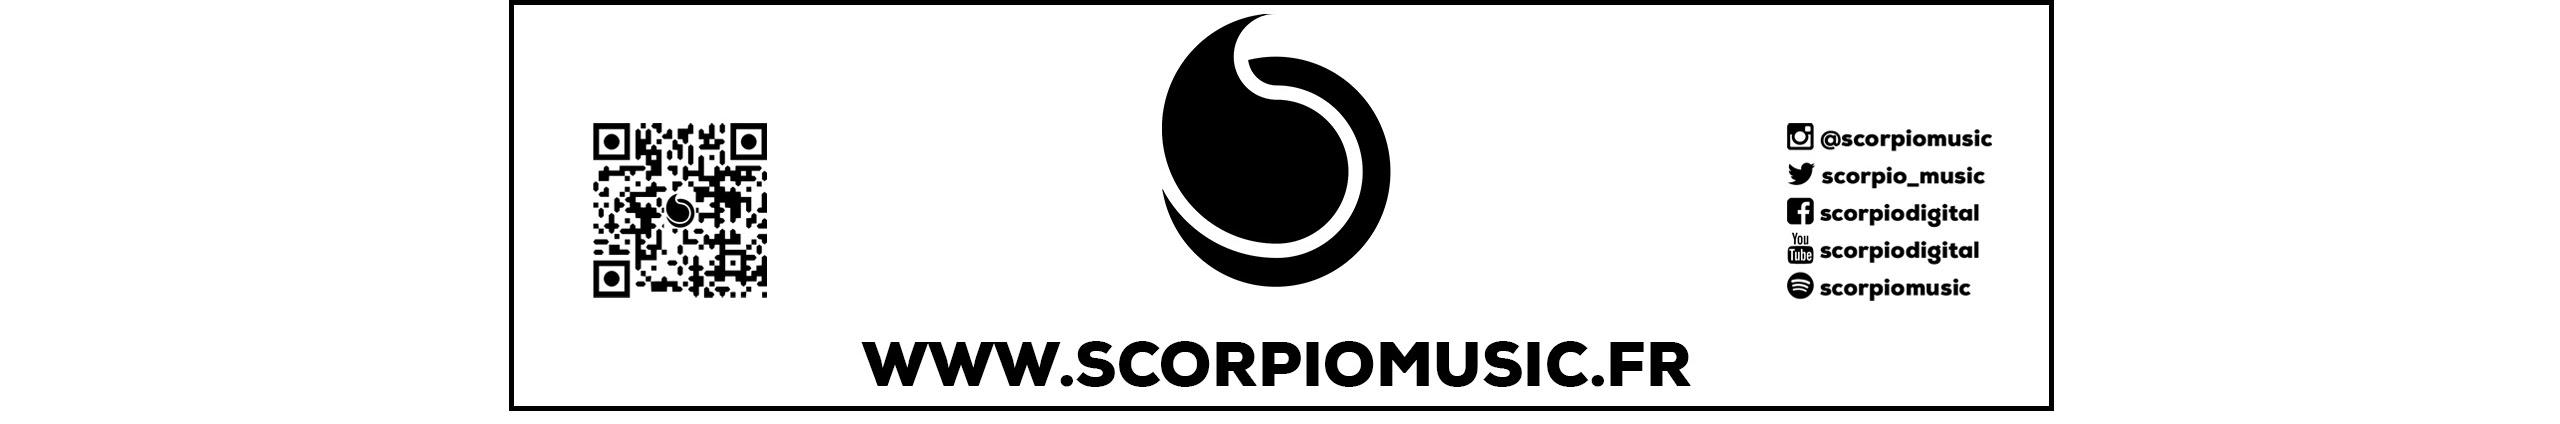 Scorpio Music Youtube